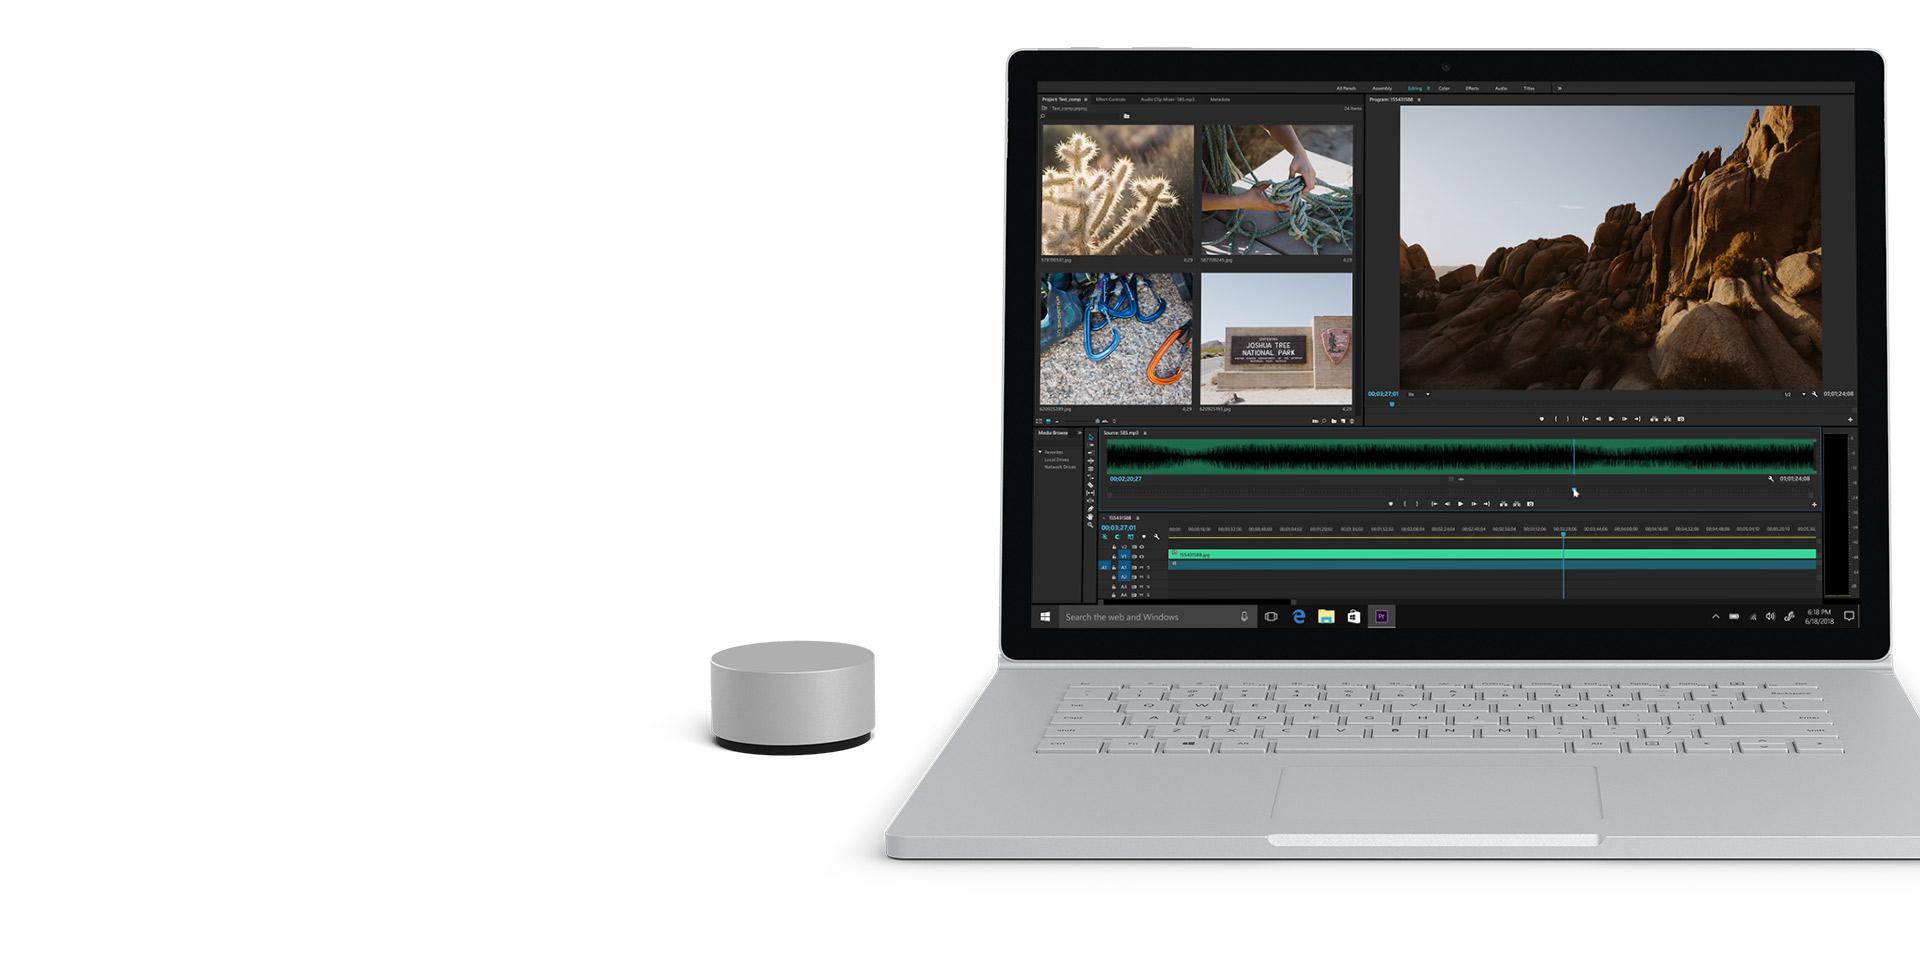 Surface Book 2-Display mit geöffnetem Adobe Premiere Pro